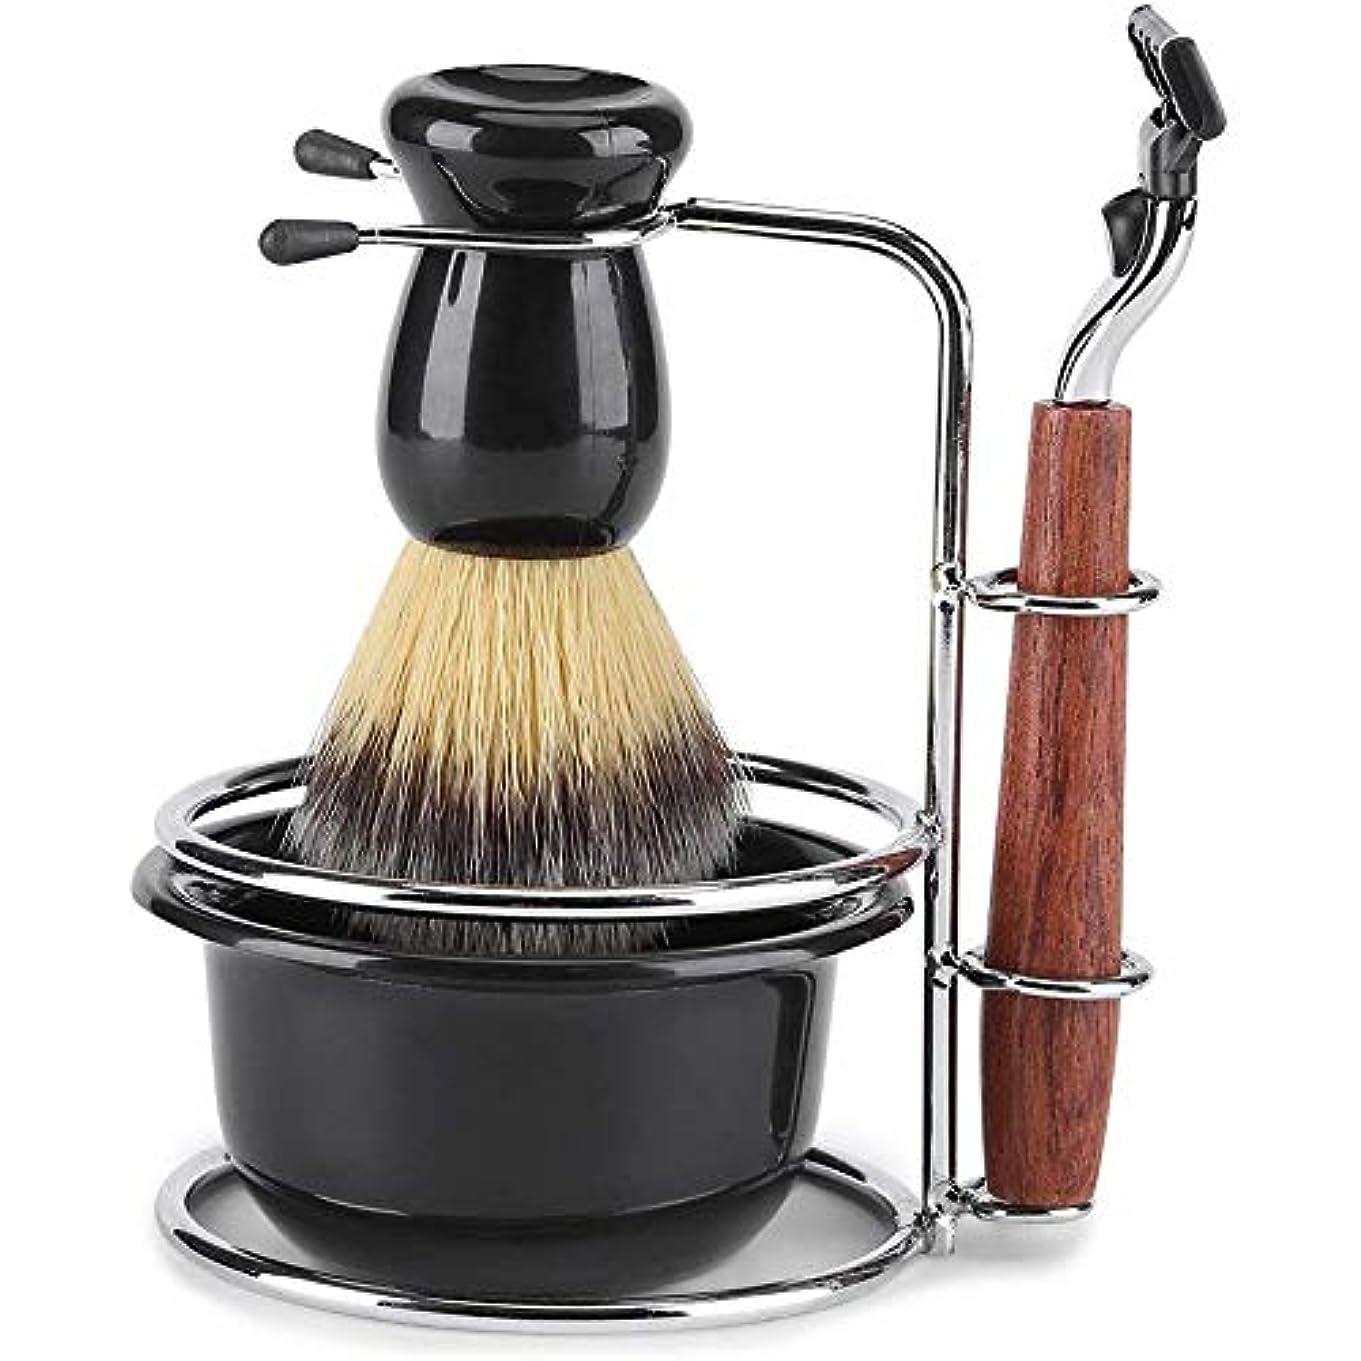 同情傑出した制裁4セットシェービングブラシセットプラシスタンド 石鹸ボウル父の日プレゼント ひげブラシ シェービングブラシ 洗顔 髭剃り